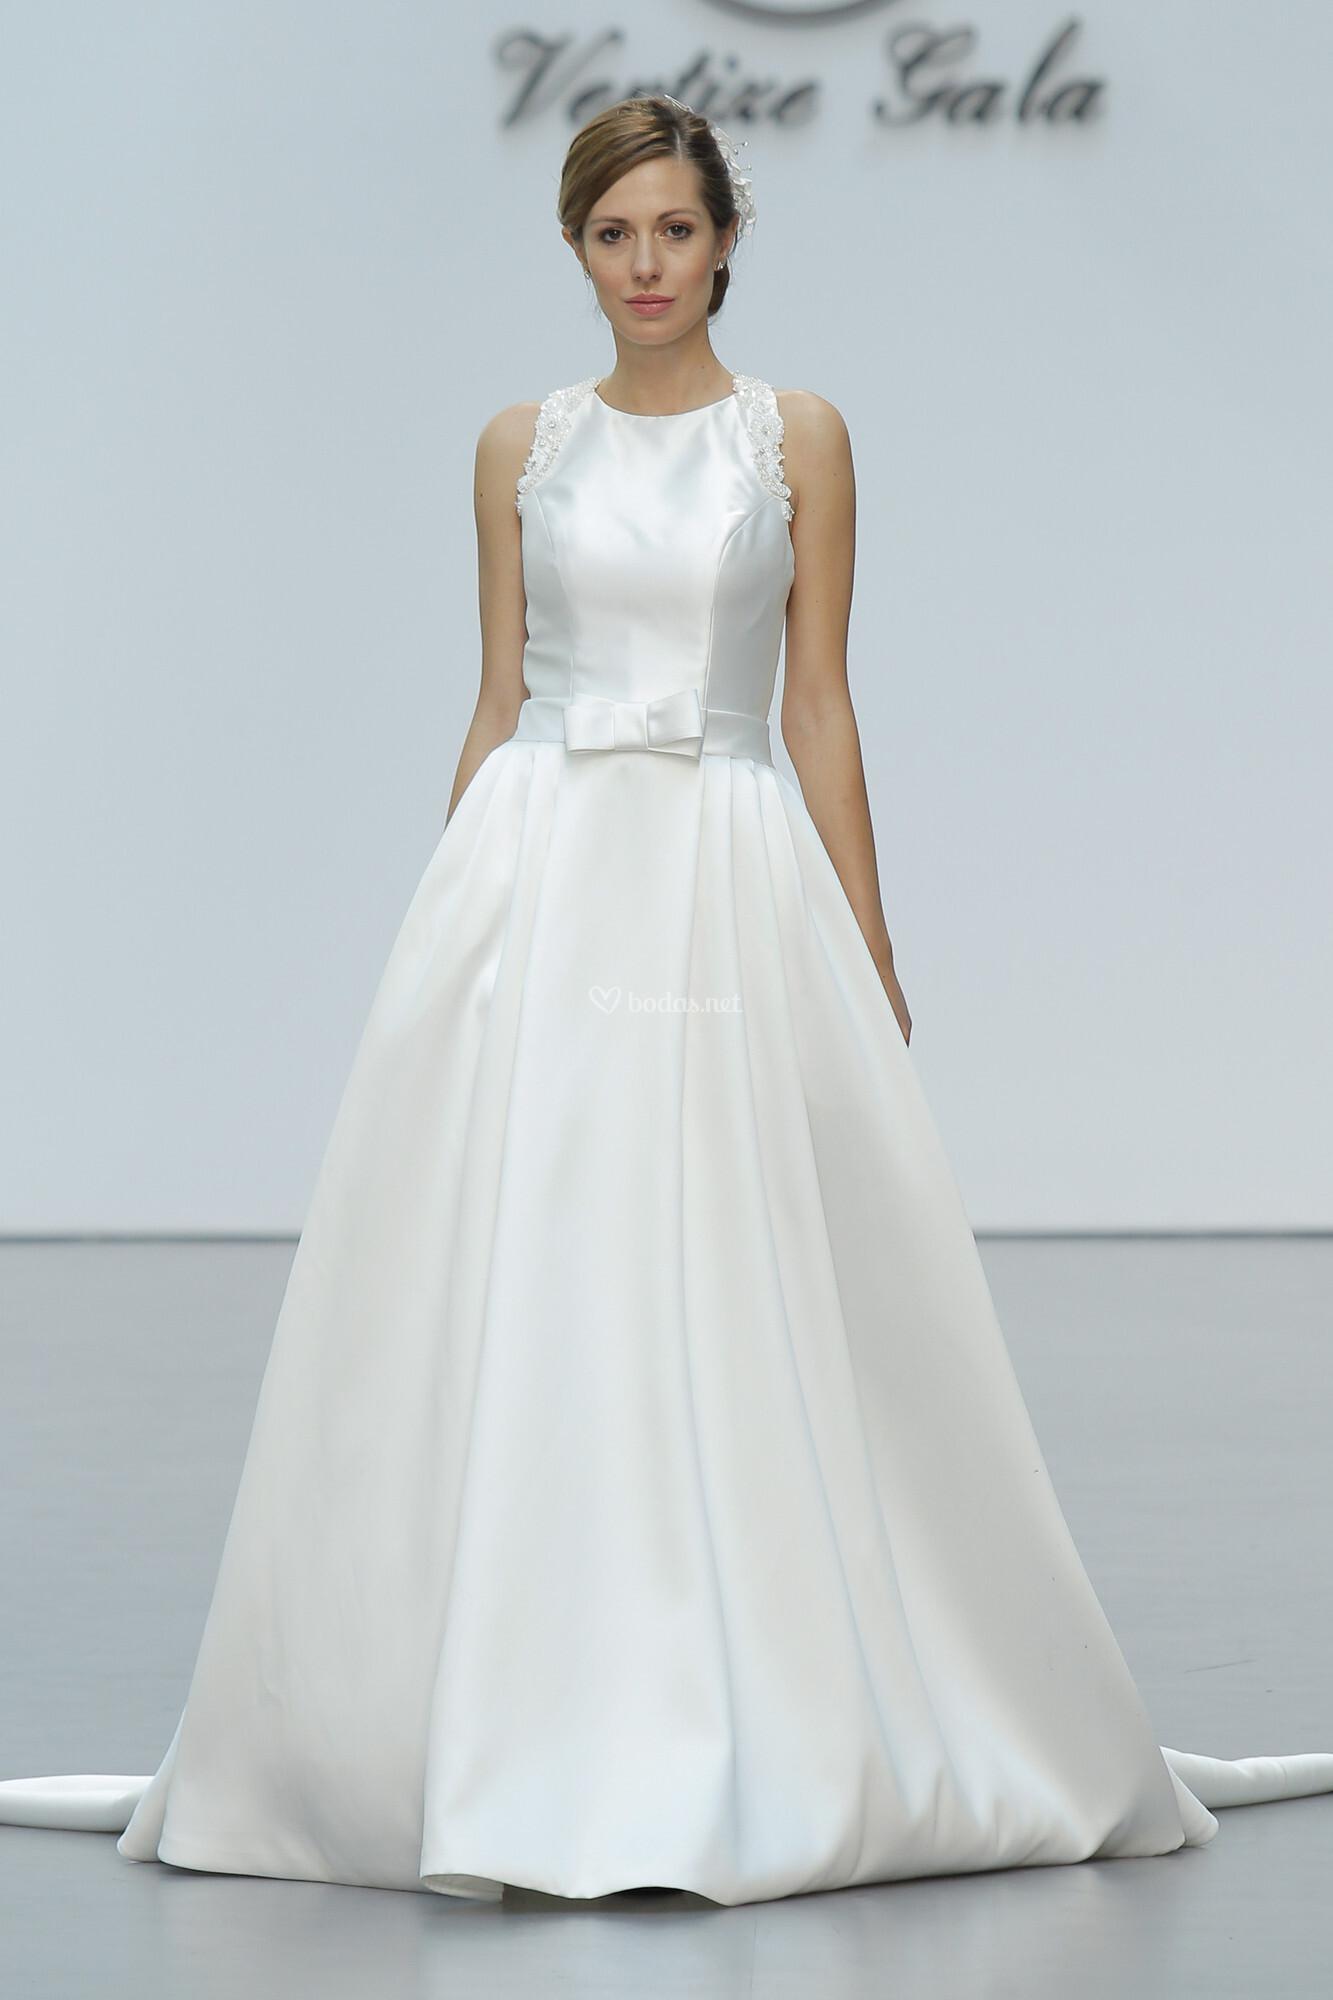 Fine Vestidos De Novia En Nueva York Pictures Inspiration - Wedding ...